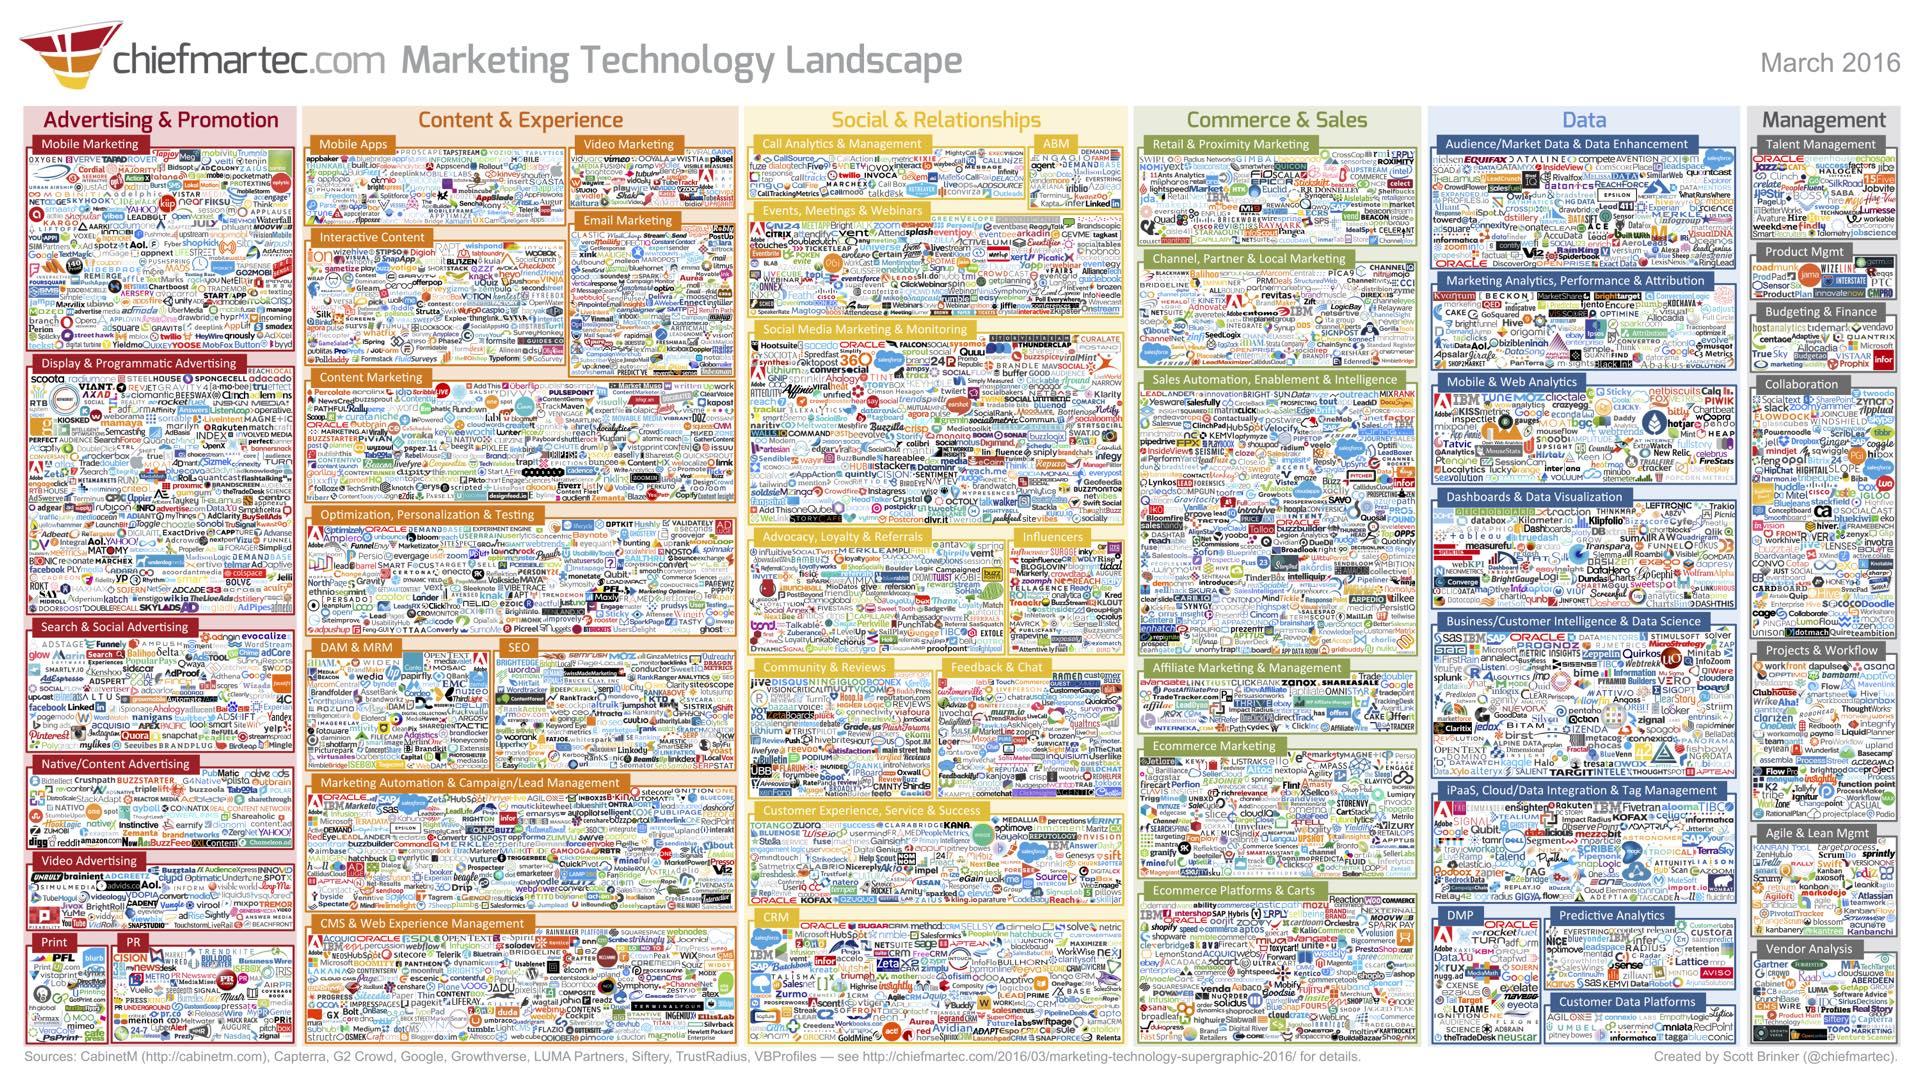 Marketing_Technology_Landscape_2016-1